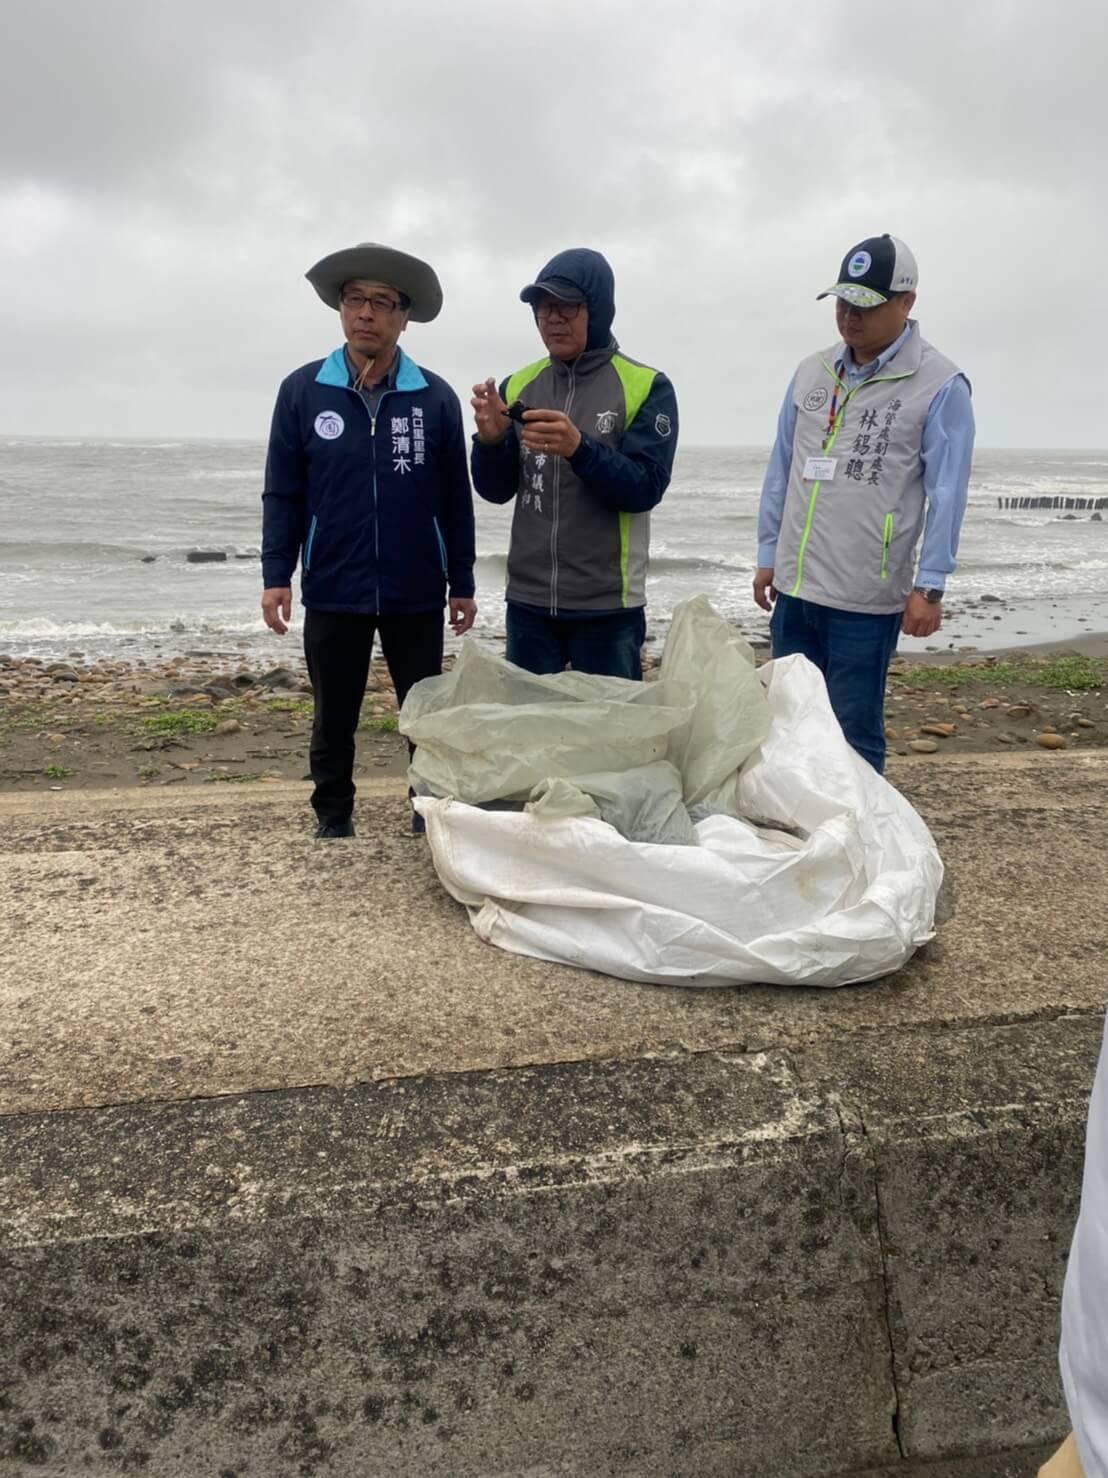 109年3月30日與地方民意代表、環保局稽查科共同前往豬鼻子沙灘現勘油污事件。